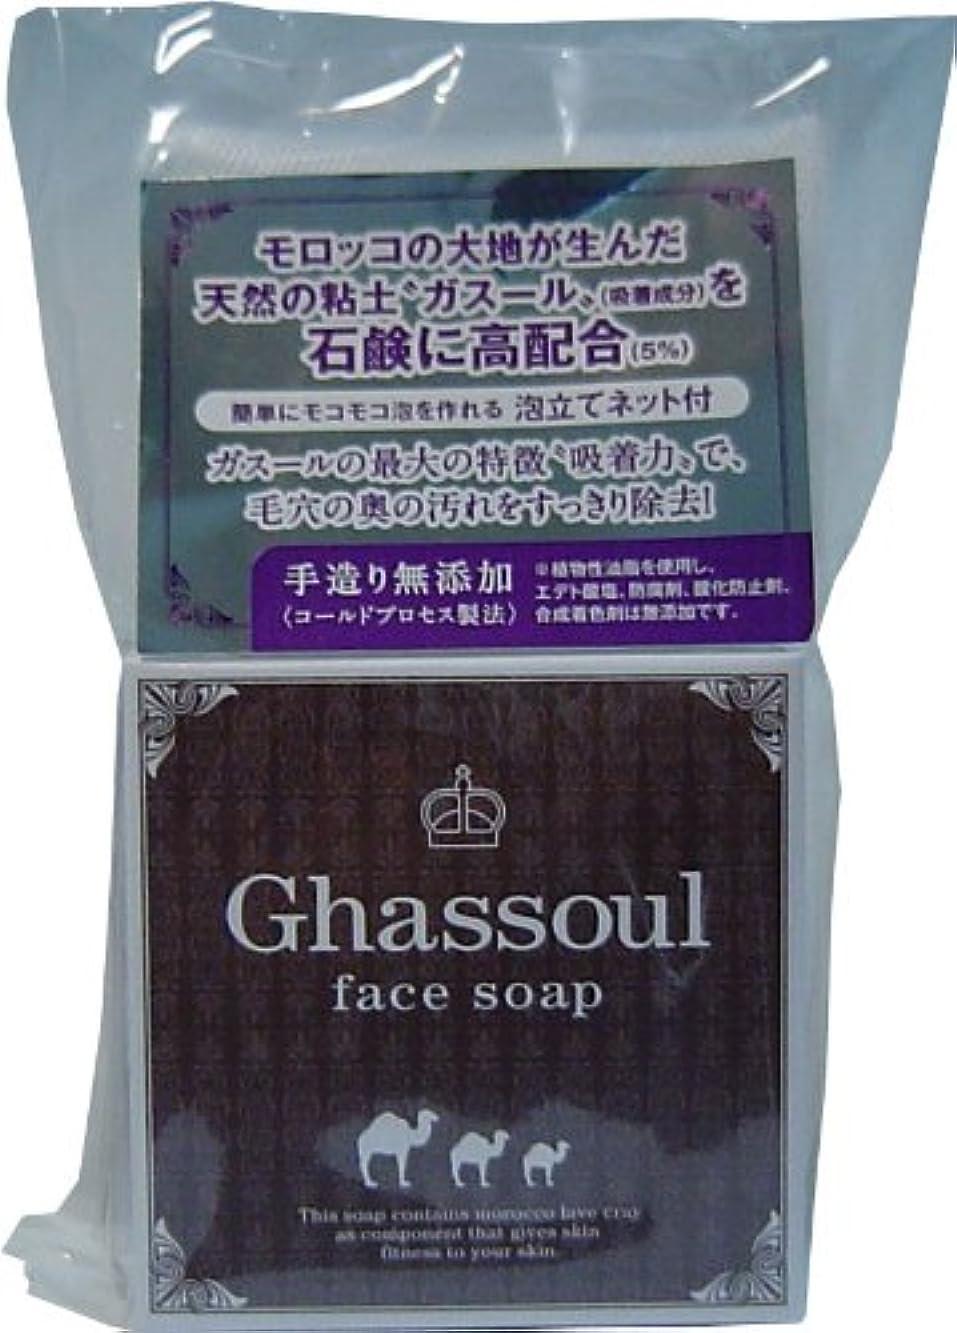 さまよう中傷マラウイ天然の粘土 ガスール を石鹸に高配合!Ghassoul face soap ガスールフェイスソープ 100g【5個セット】